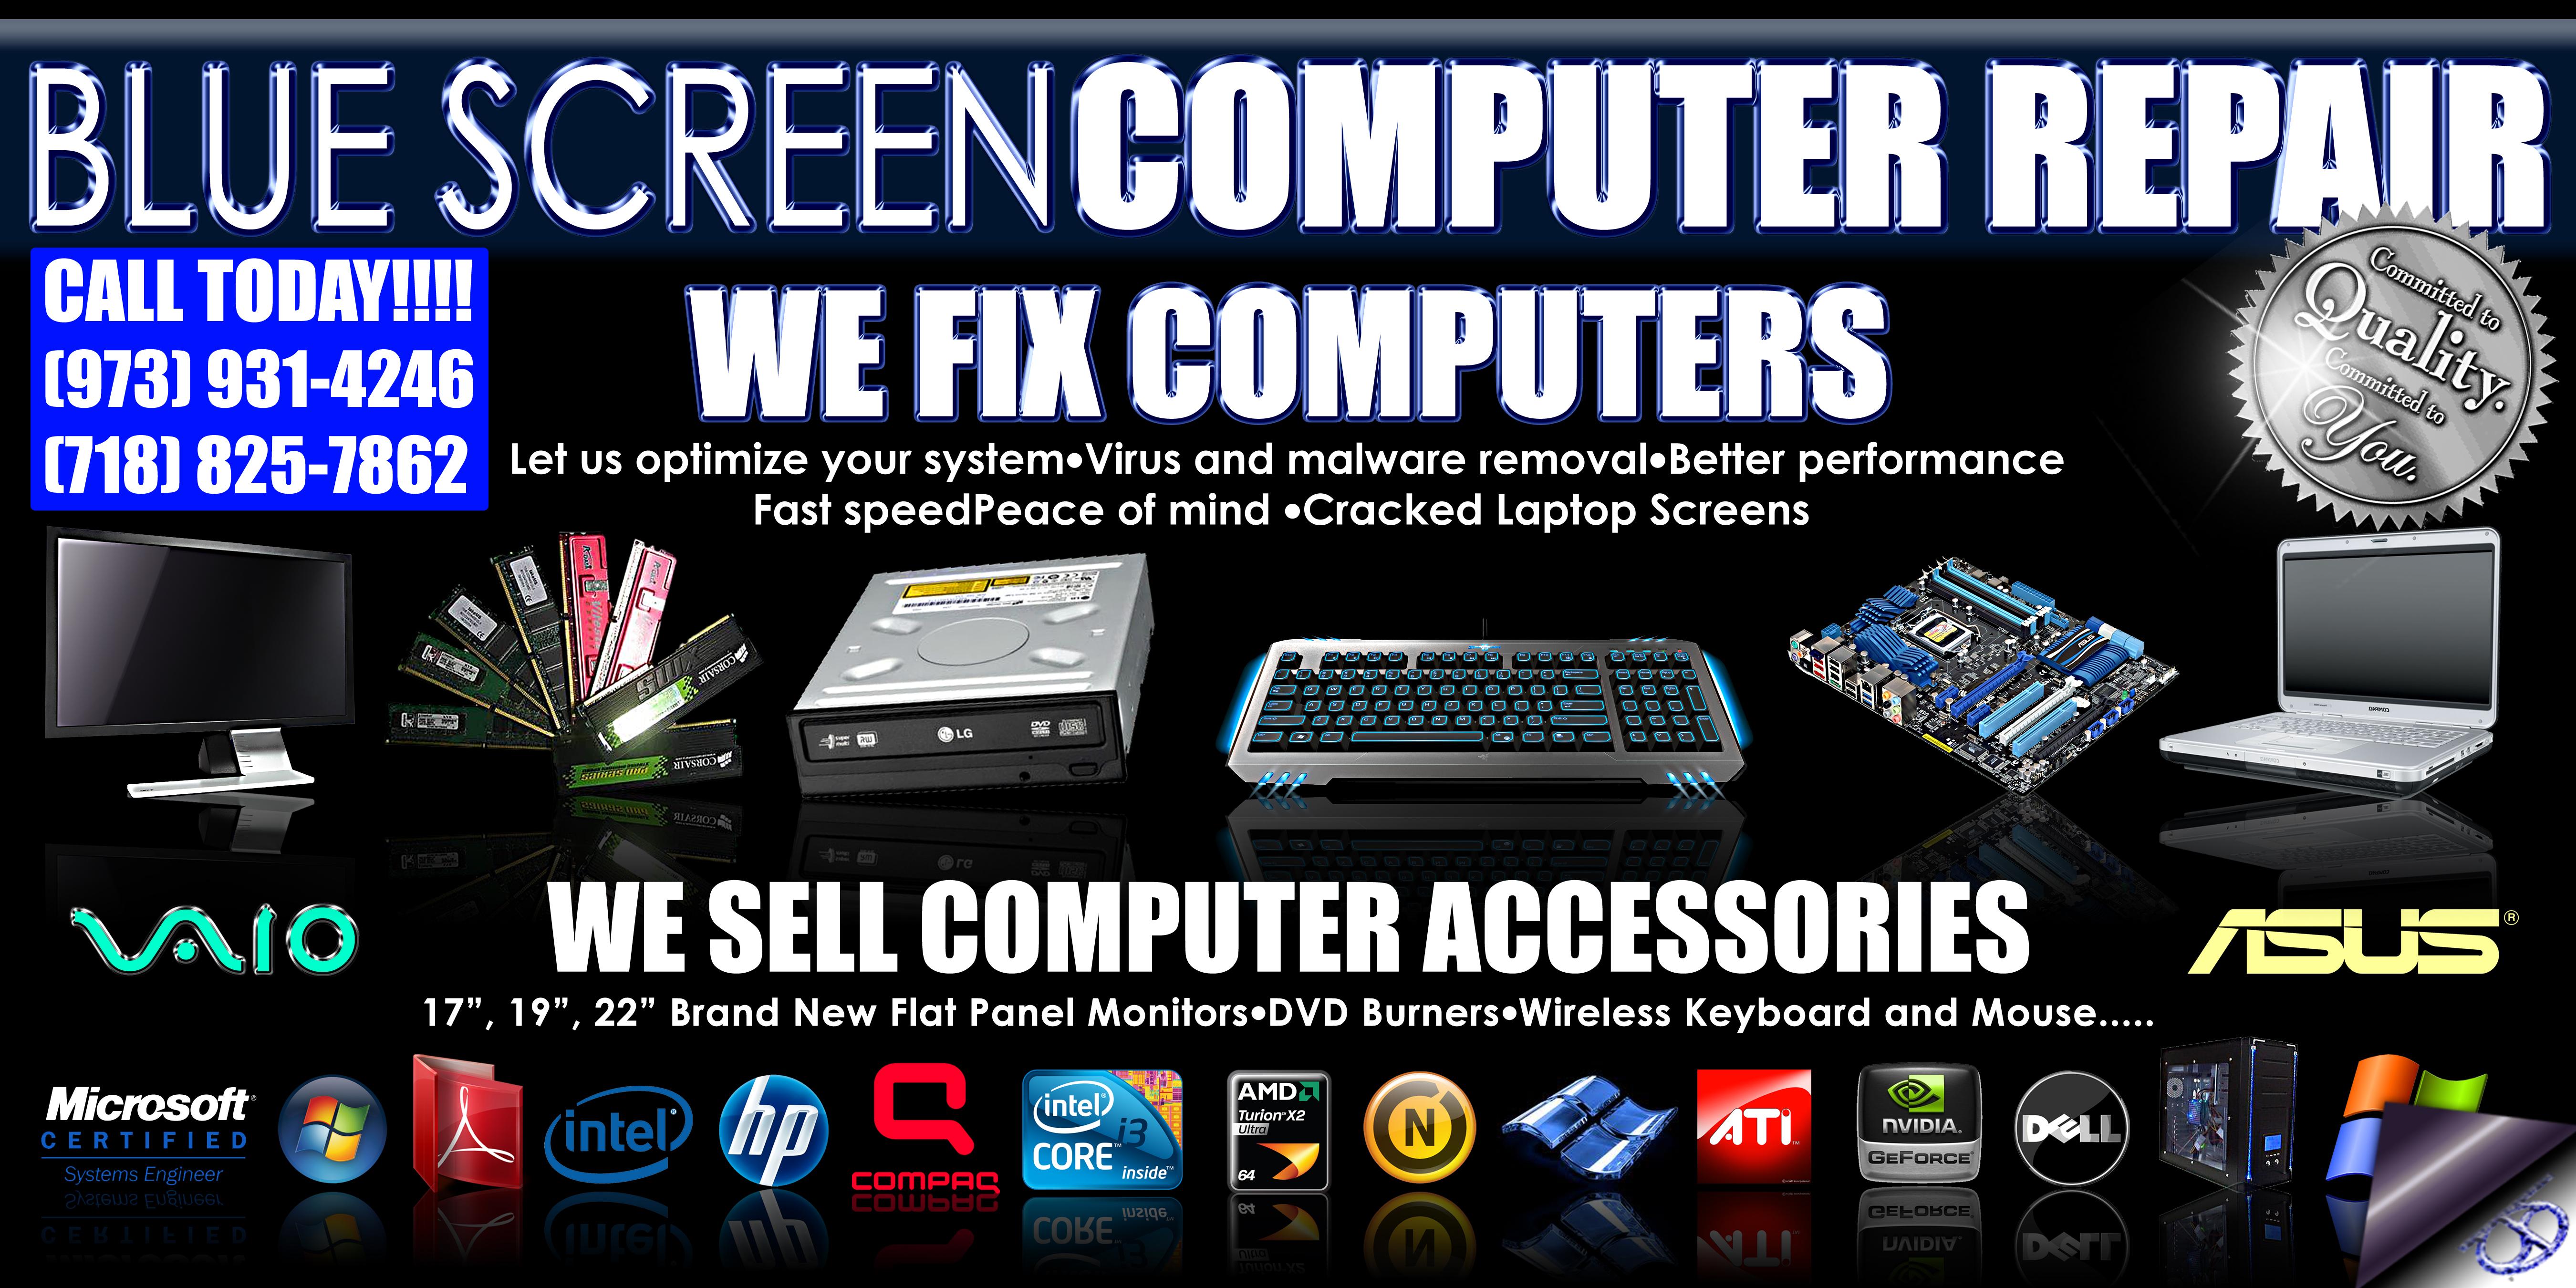 computer repair banner